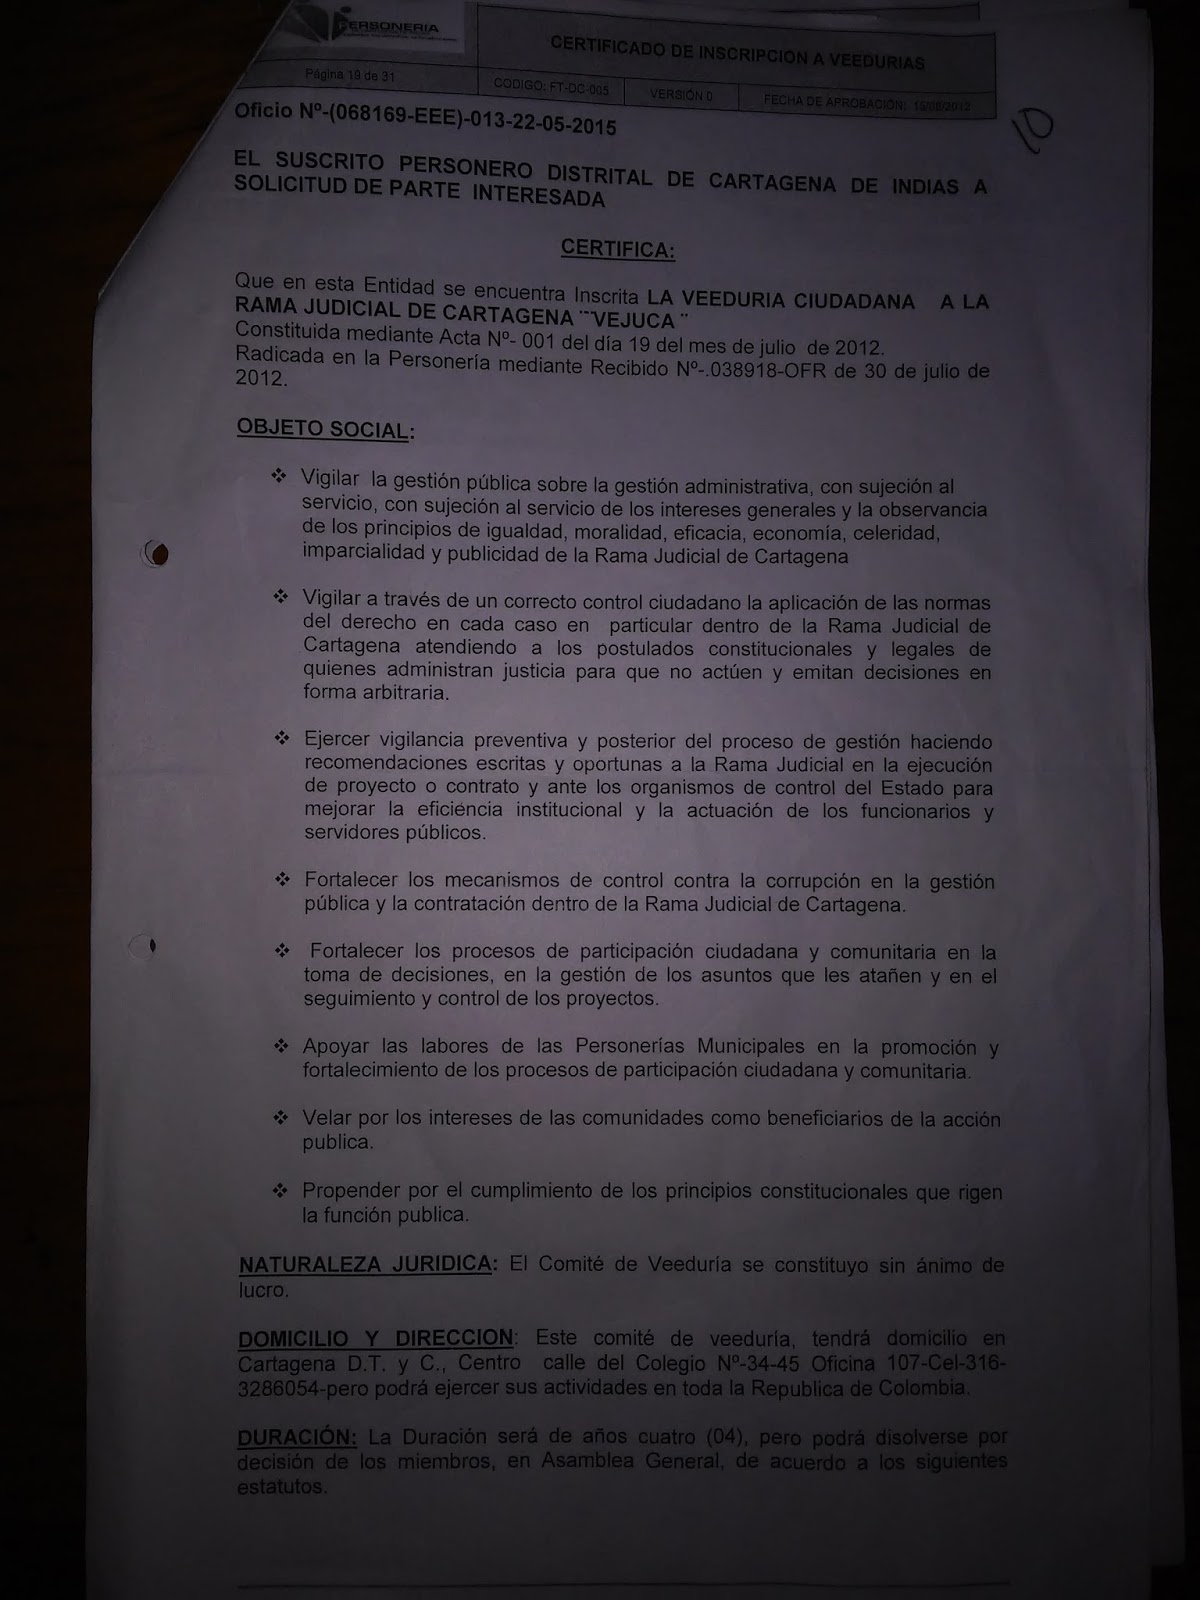 Impugnaci n y solicitud de nulidad fallo de tutela